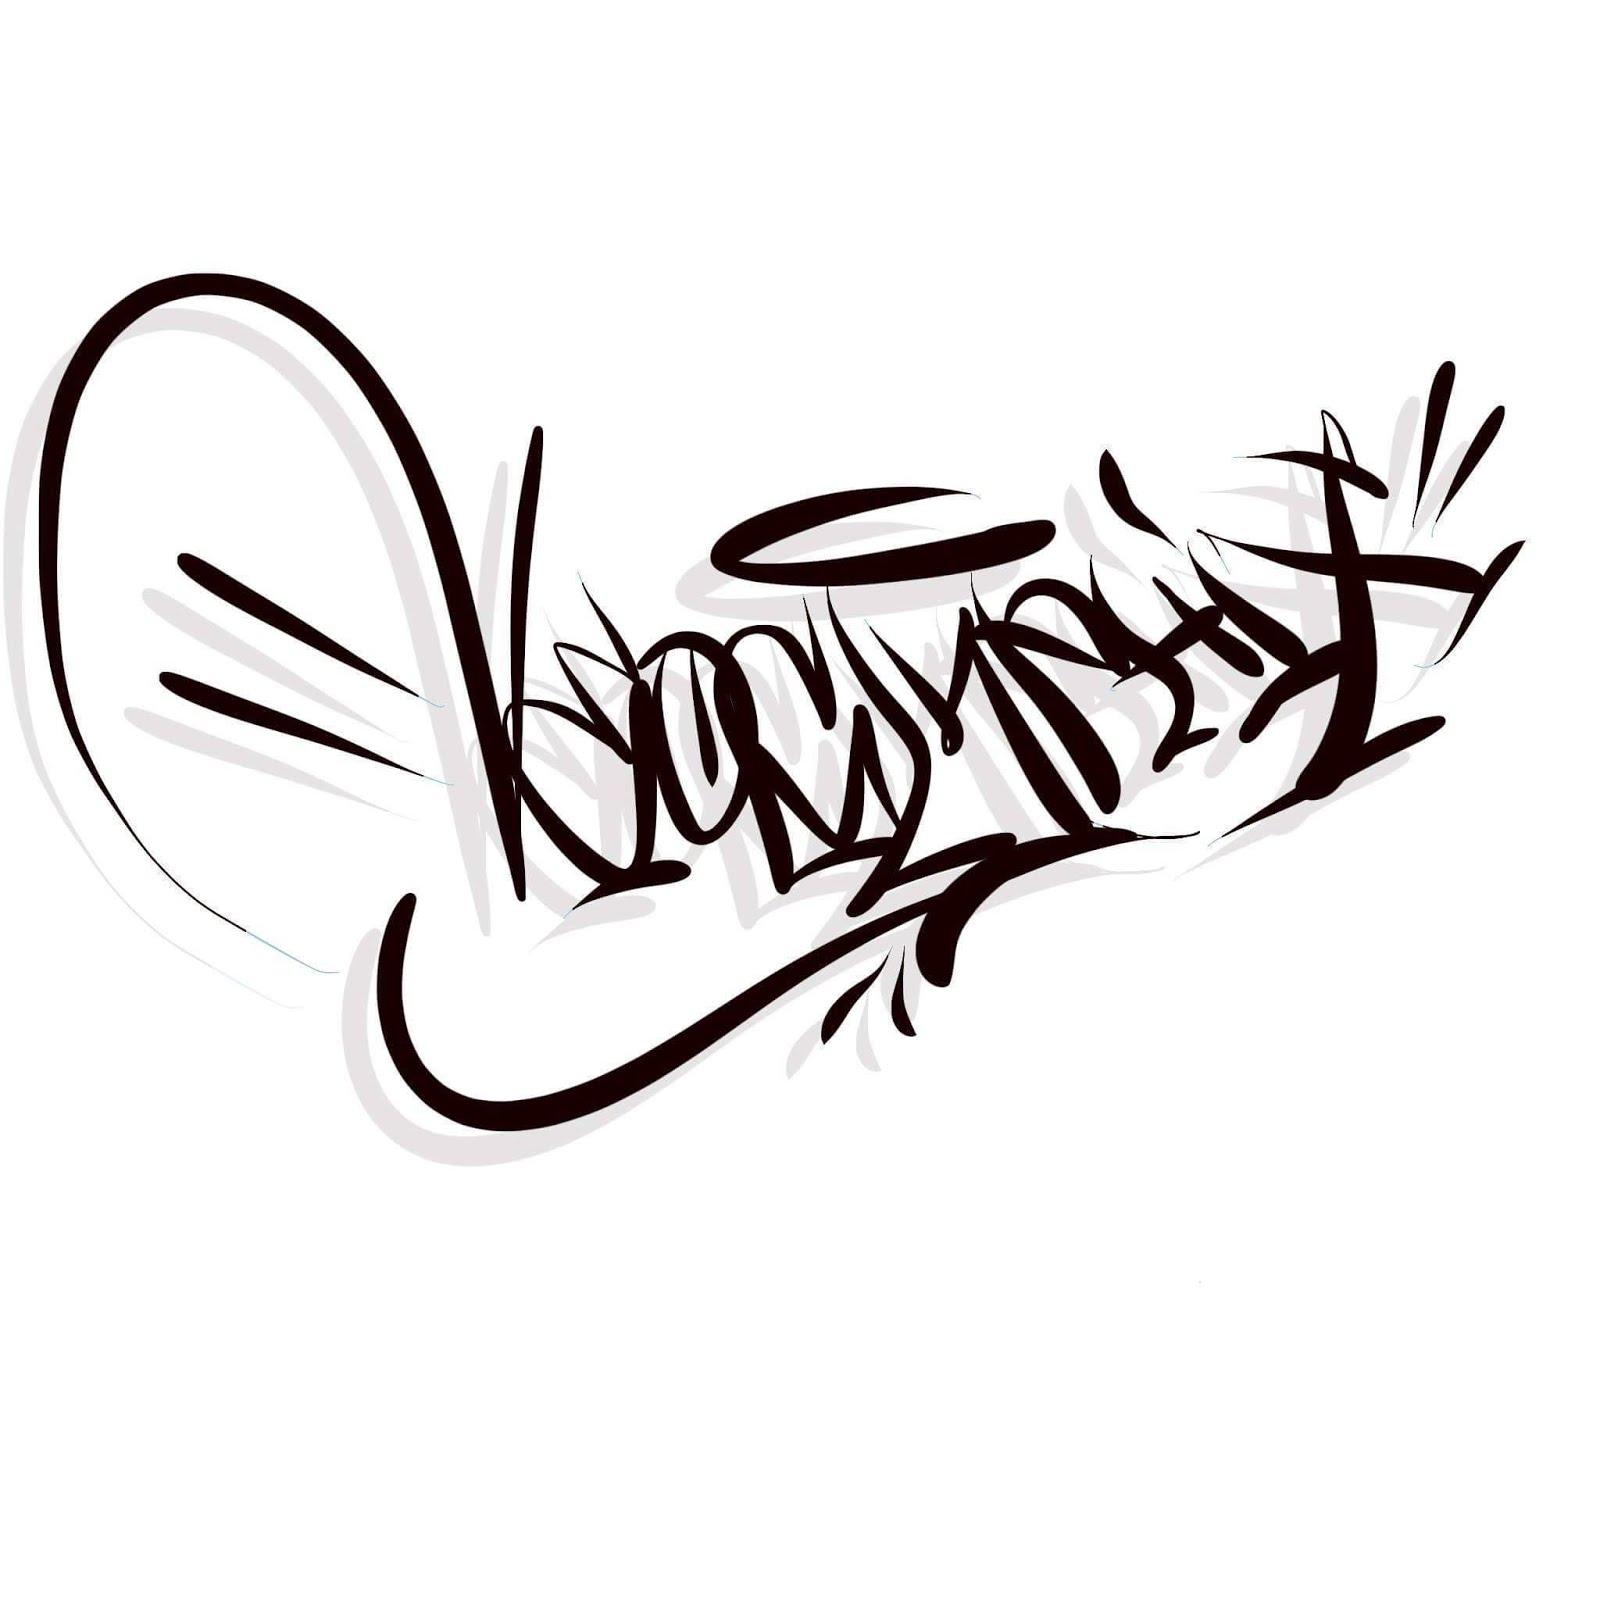 Neoglyphix